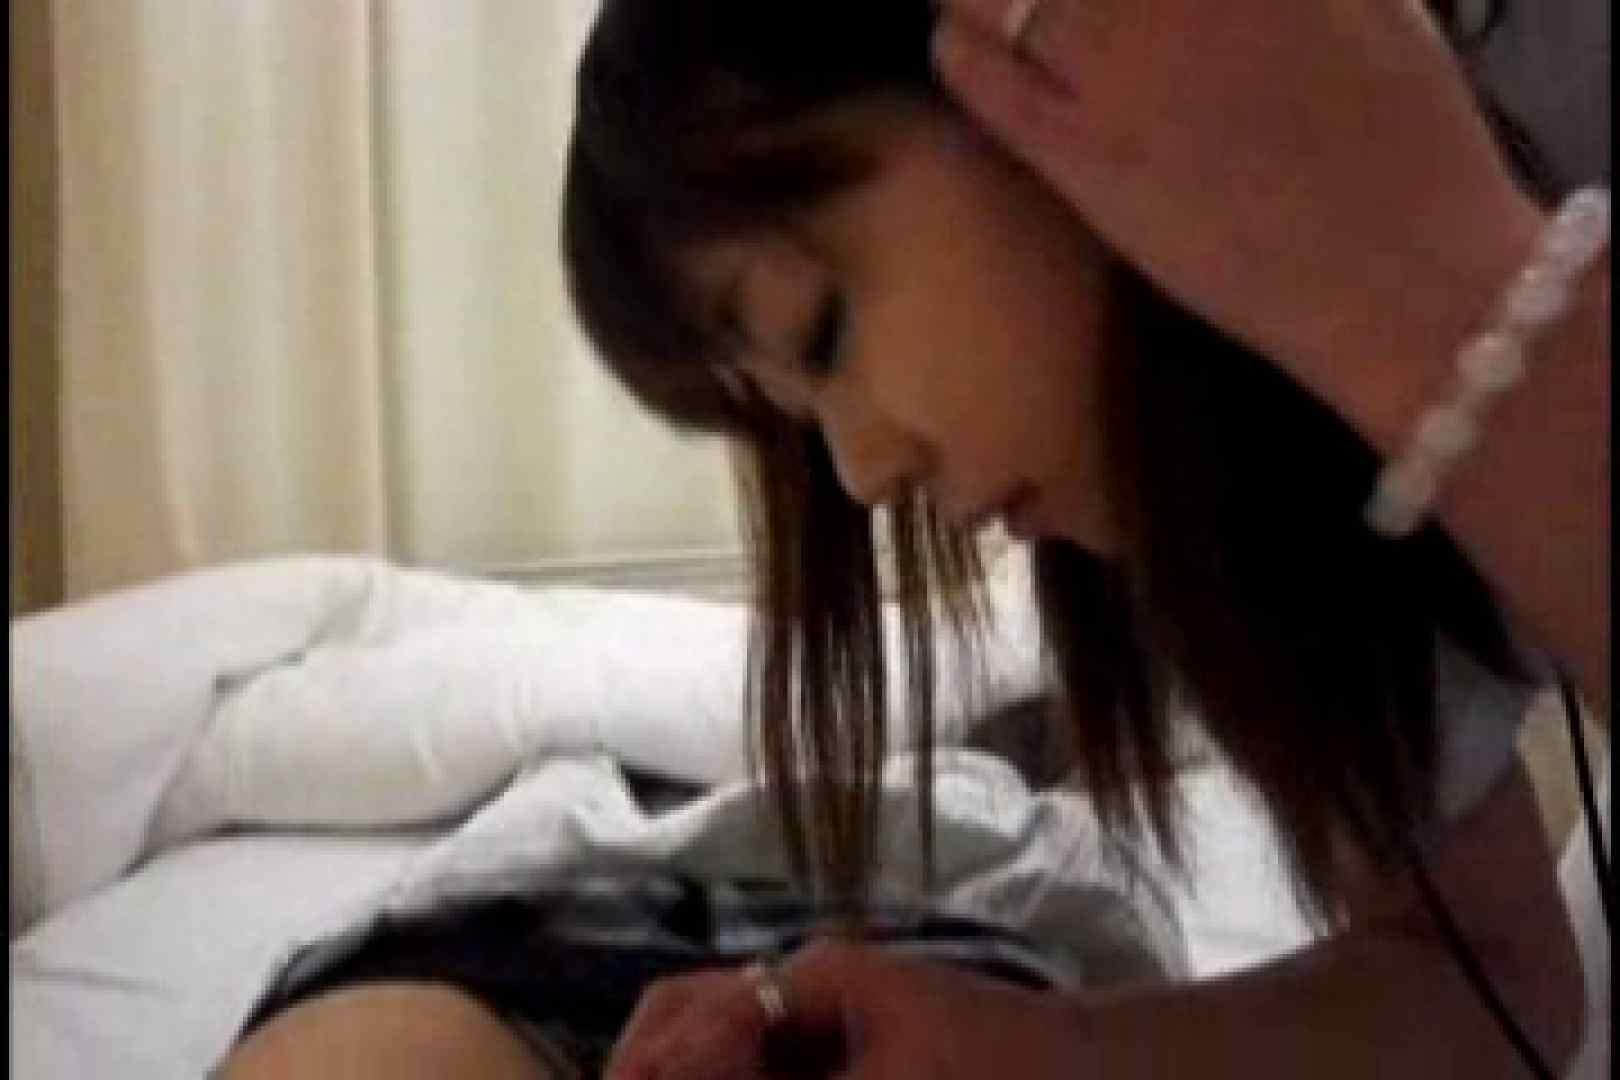 ヤリマンと呼ばれた看護士さんvol1 OLのエッチ | シックスナイン  112pic 73